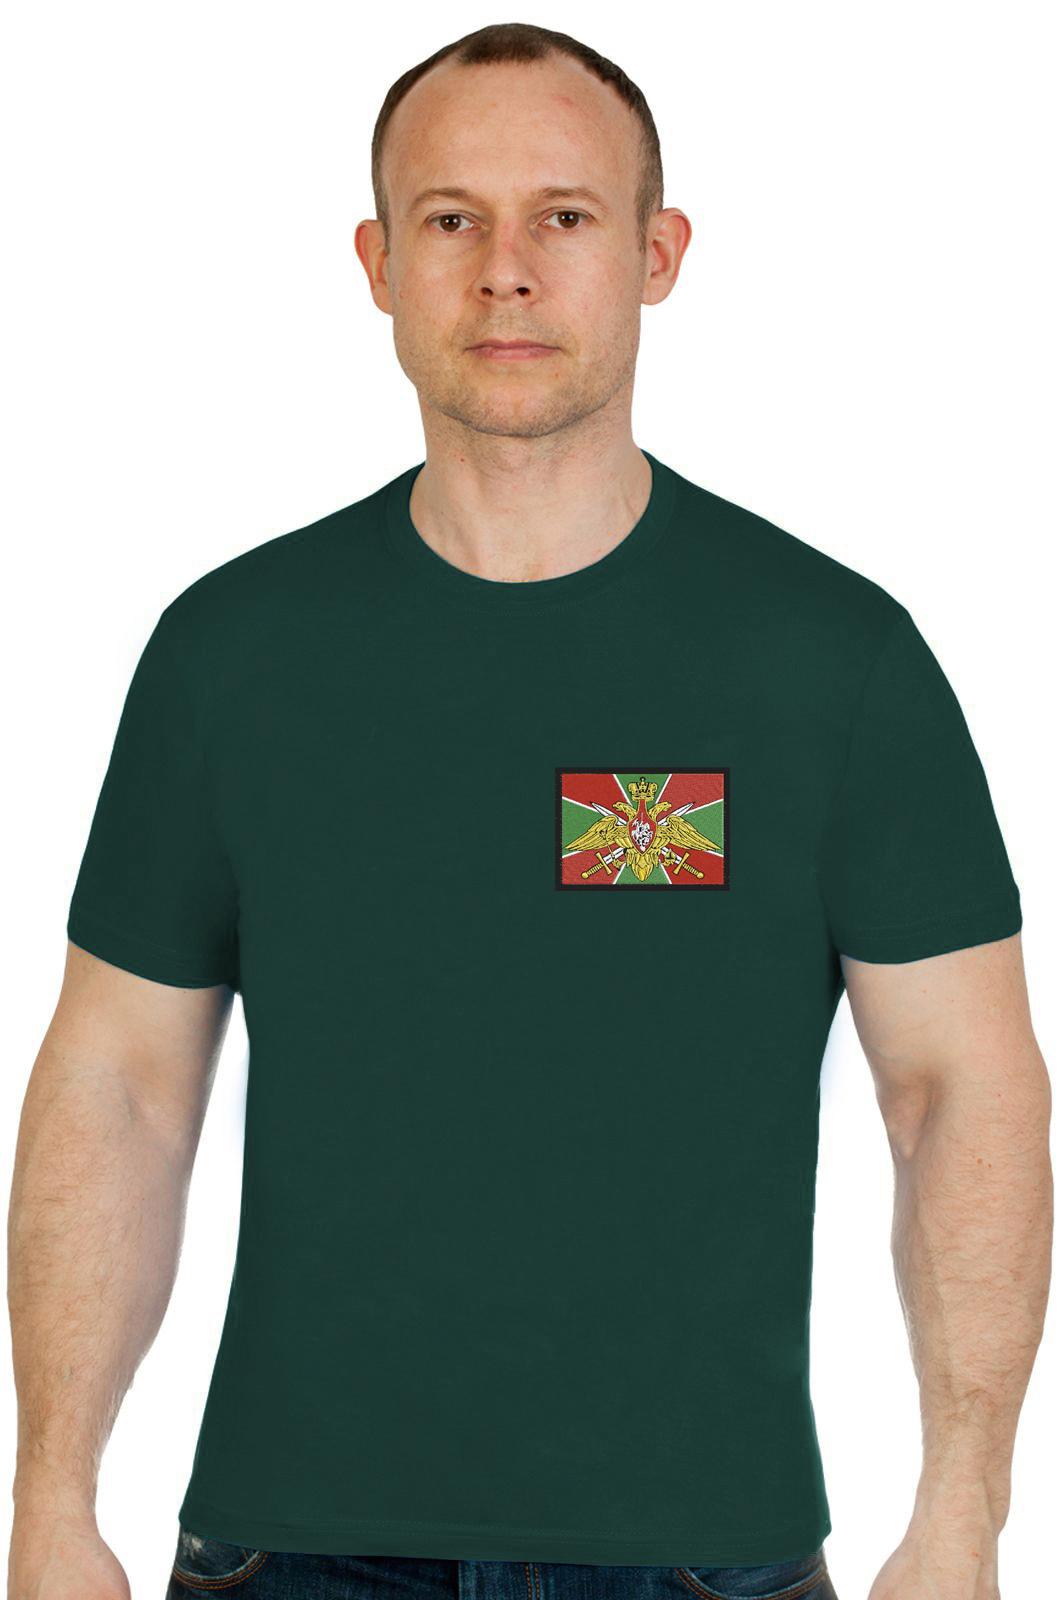 Зелёная футболка с нашивкой Погранвойск - высокое качество